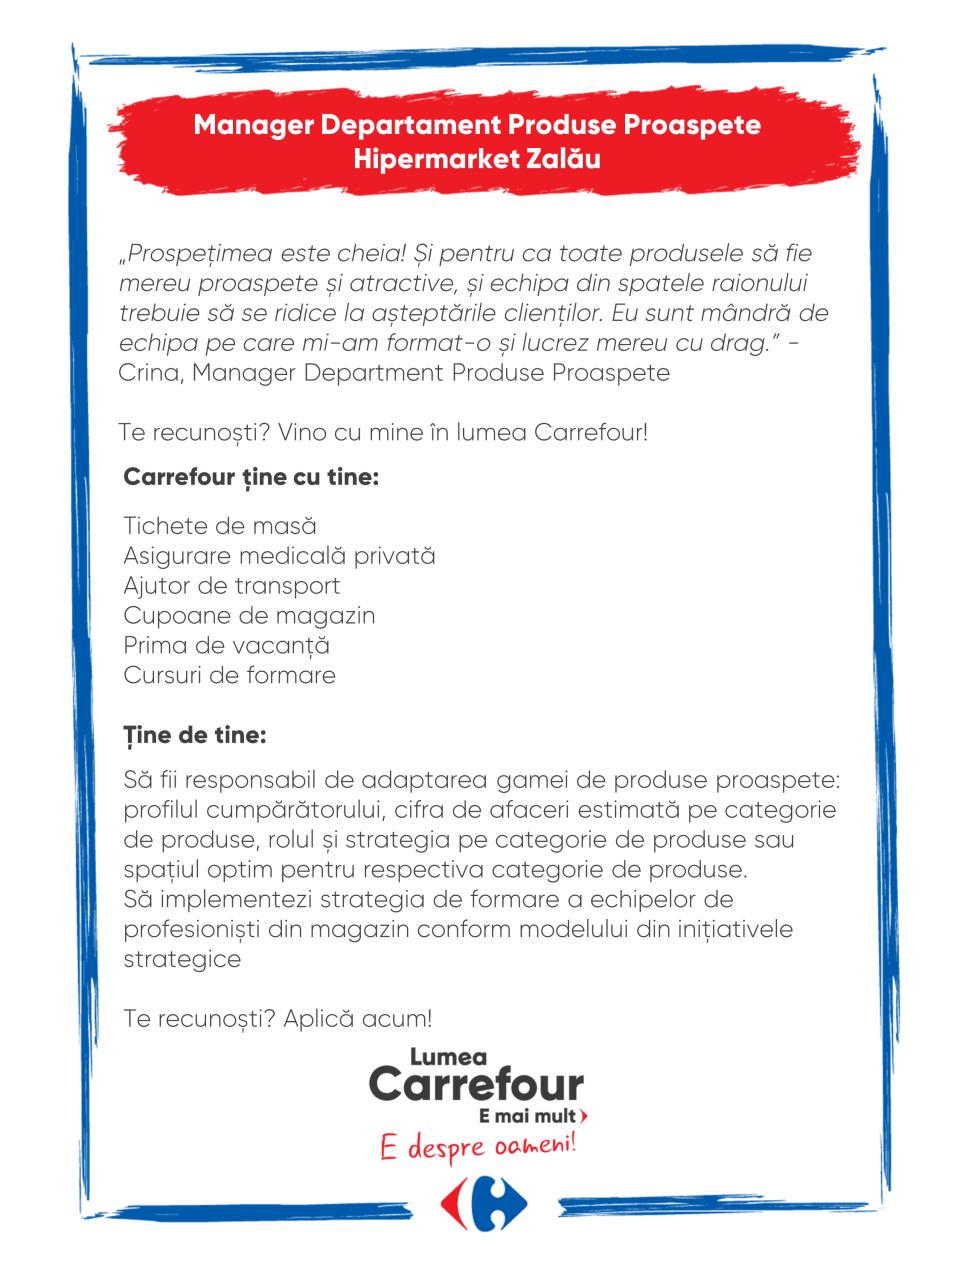 Carrefour ține cu tine:  Tichete de masă Asigurare medicală privată Ajutor de transport Cupoane de magazin Prima de vacanță Cursuri de formare  Ține de tine:  Să fii responsabil de adaptarea gamei de produse proaspete: profilul cumpărătorului, cifra de afaceri estimată pe categorie de produse, rolul și strategia pe categorie de produse sau spațiul optim pentru respectiva categorie de produse. Să implementezi strategia de formare a echipelor de profesioniști din magazin conform modelului din inițiativele strategice  Te recunoști? Aplică acum! Carrefour ține cu tine:  Tichete de masă Asigurare medicală privată Ajutor de transport Cupoane de magazin Prima de vacanță Cursuri de formare  Ține de tine:  Să fii responsabil de adaptarea gamei de produse proaspete: profilul cumpărătorului, cifra de afaceri estimată pe categorie de produse, rolul și strategia pe categorie de produse sau spațiul optim pentru respectiva categorie de produse. Să implementezi strategia de formare a echipelor de profesioniști din magazin conform modelului din inițiativele strategice  Te recunoști? Aplică acum!  manager coordonator sef responsabil raion produse proaspete Lumea Carrefour e mai mult. E despre oameni!Lumea noastră? E despre prietenia fără vârstă și bucuria de a fi buni în ceea ce facem. Despre diversitatea meseriilor, dar mai ales despre diversitatea membrilor unei mari familii. Despre emoția primului job și satisfacția pe care o avem când suntem de ajutor.Fiecare dintre noi avem trăsături care ne fac să fim unici și valoroși. Suntem diferiți și în același timp suntem la fel ca toți românii: vrem să fim liberi, să alegem, să ne exprimăm punctul de vedere, să ne simțim bine.